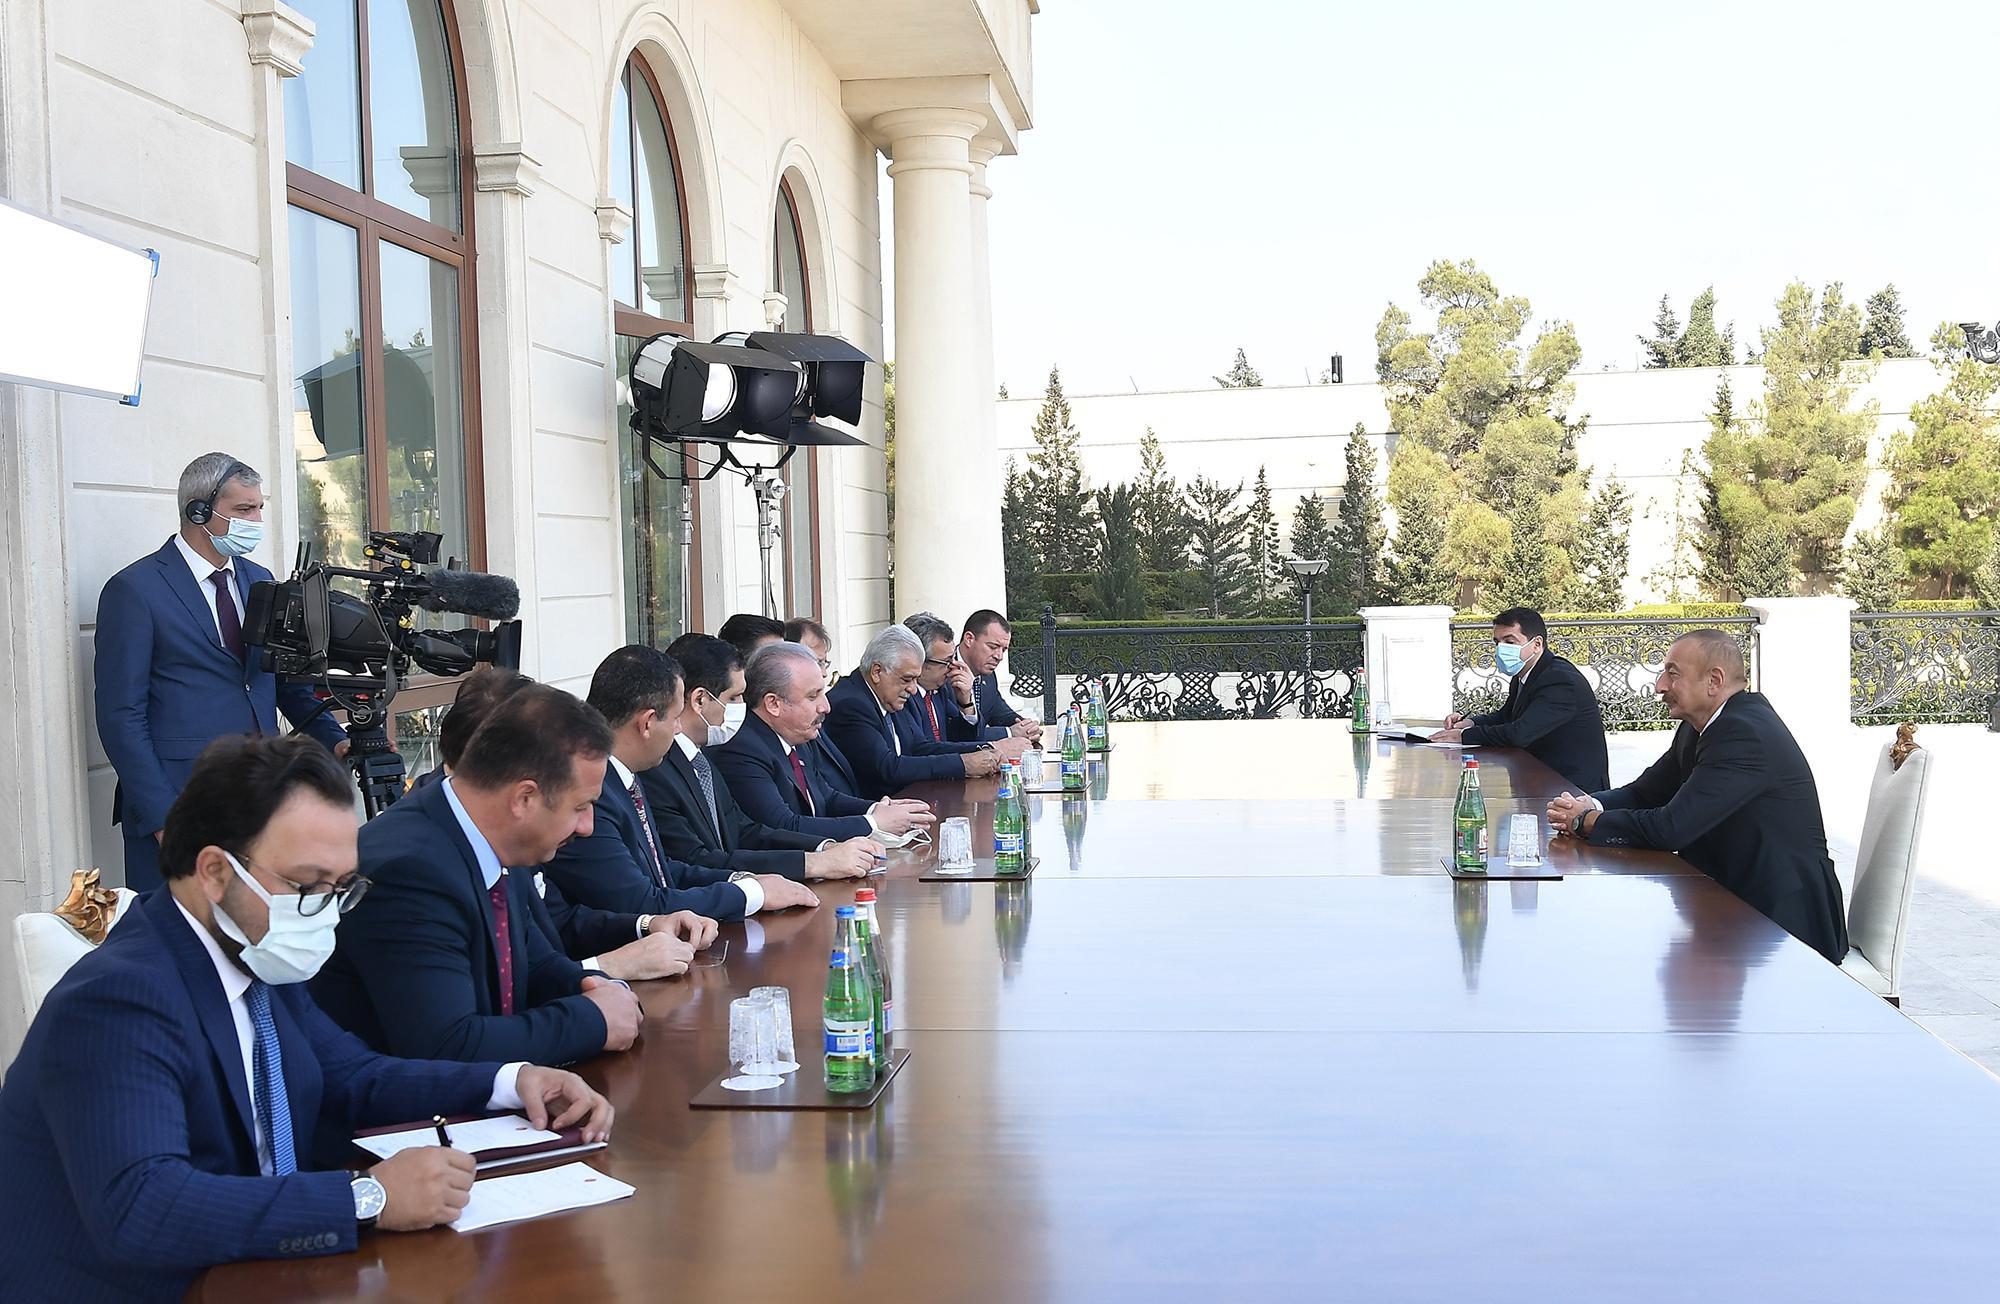 Azərbaycan Prezidenti Türkiyə parlamentinin Sədrini qəbul edib - FOTO